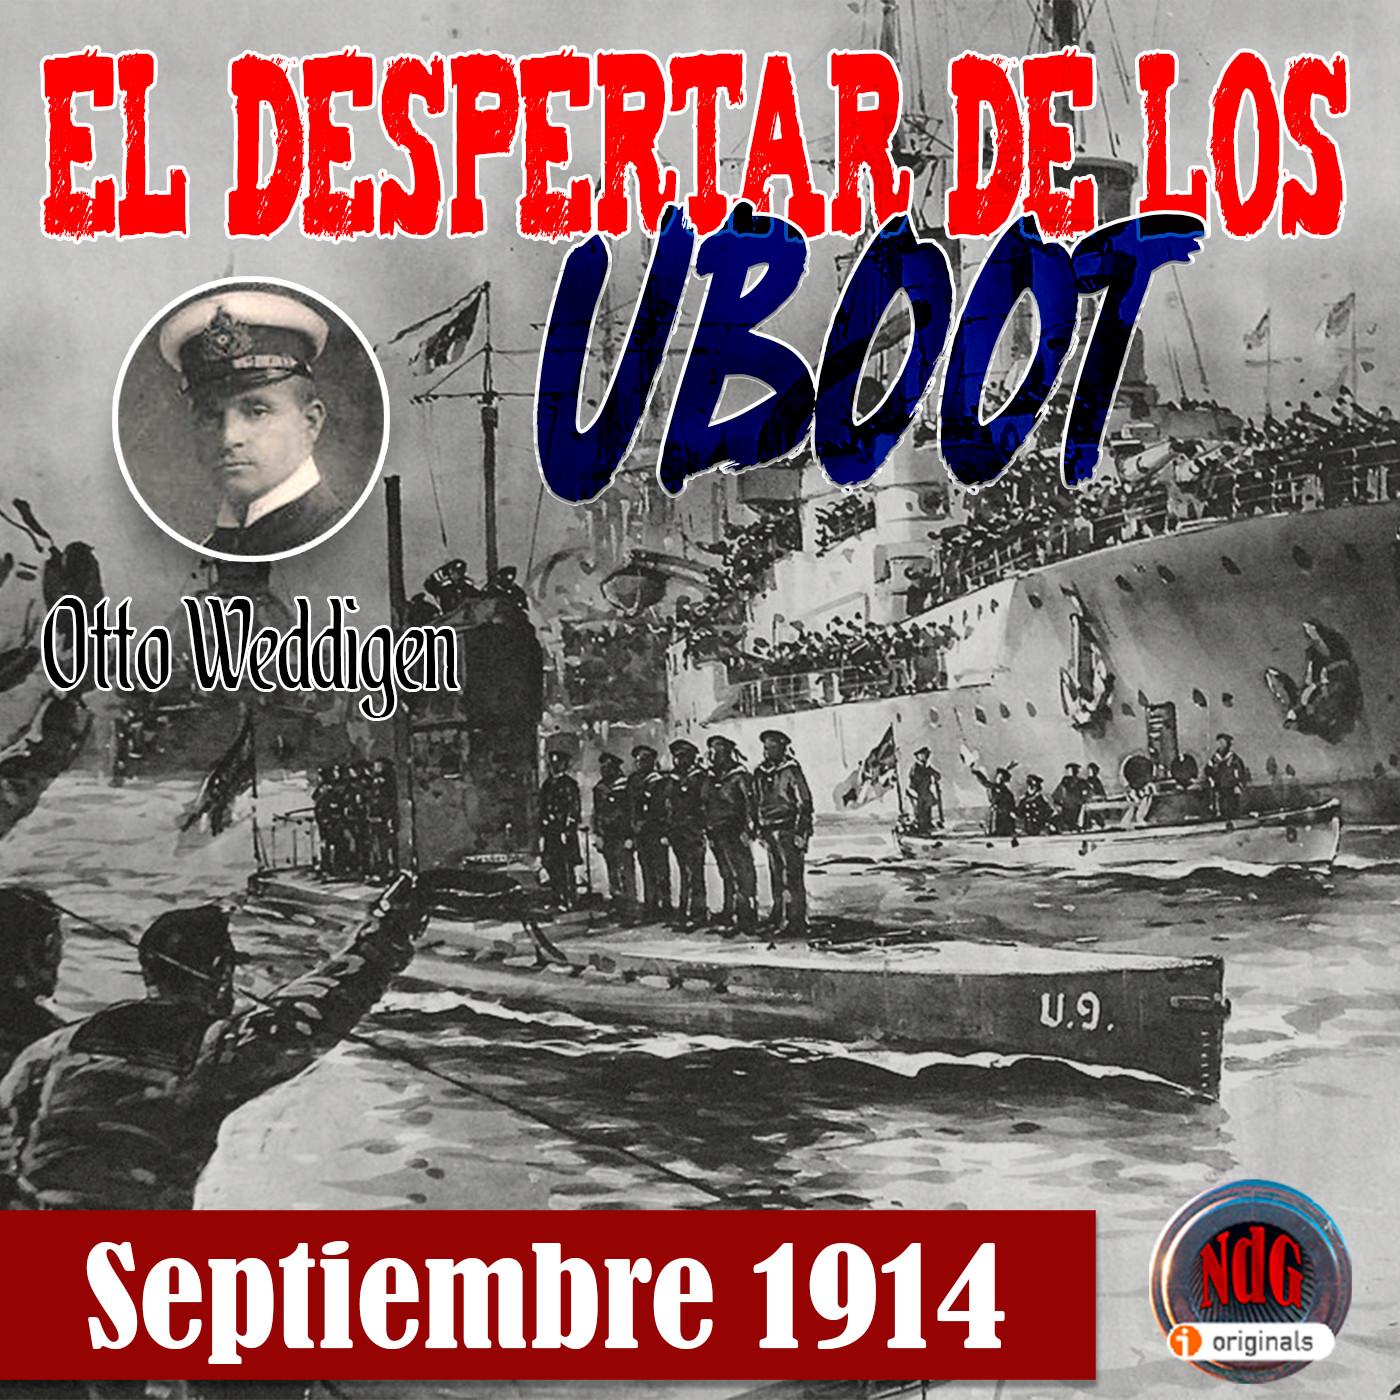 NdG #119 El despertar de los Uboot, septiembre 1914